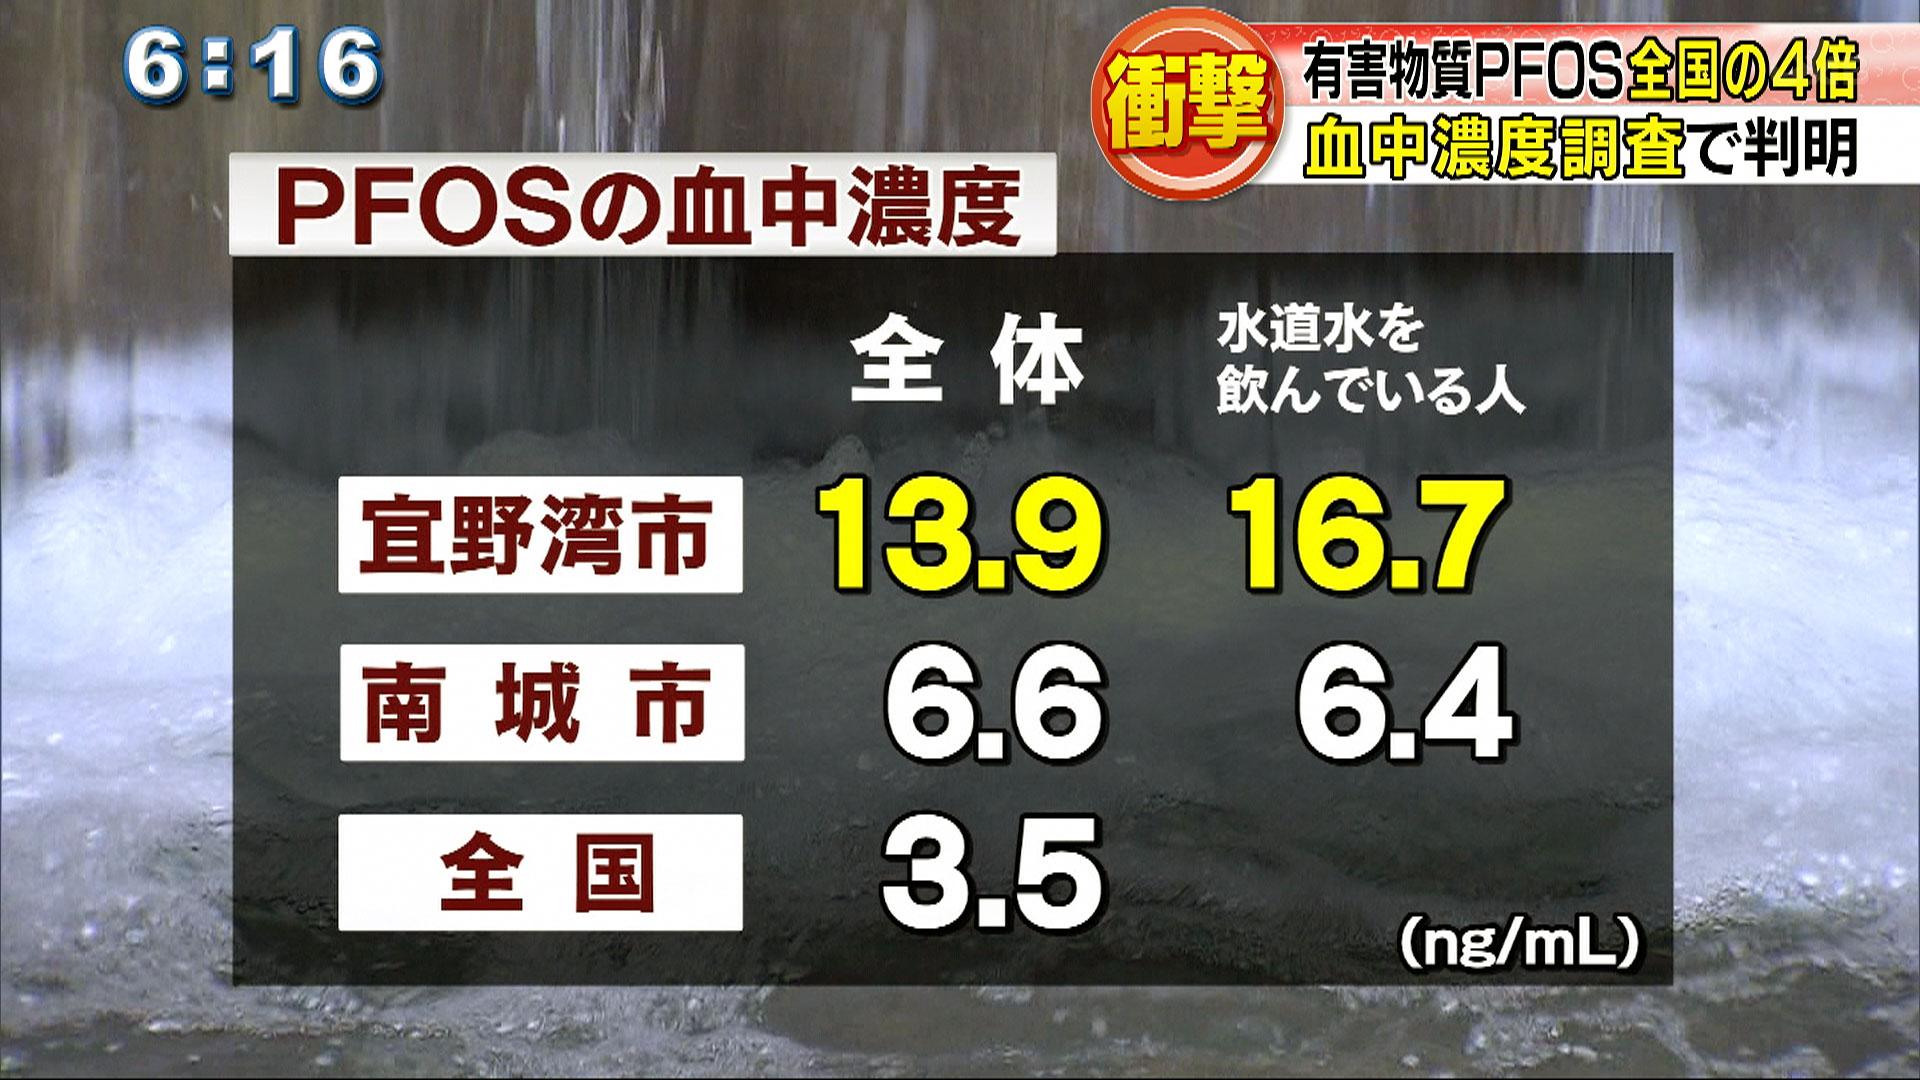 宜野湾市民PFOS血中濃度 全国の4倍